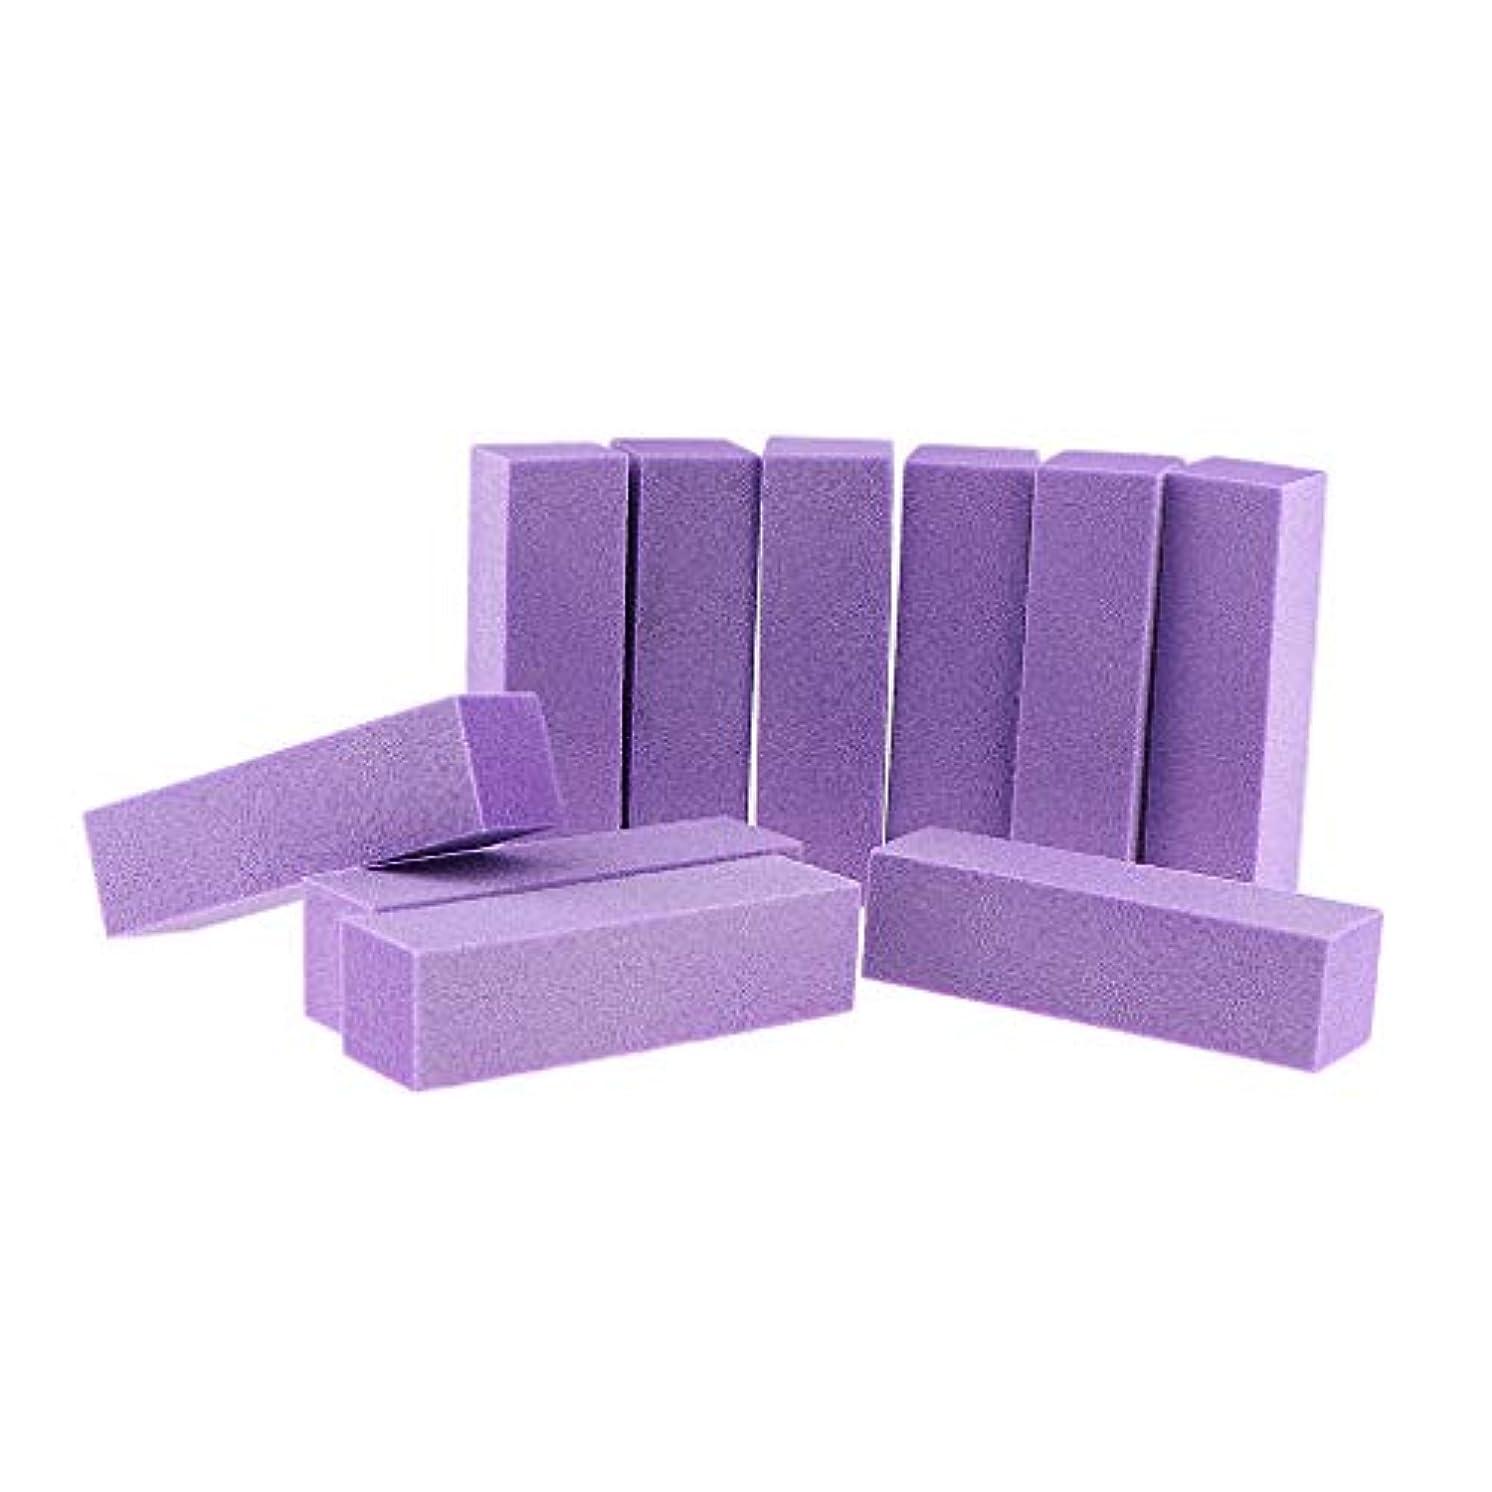 宣言する皿ペルソナ10PCSネイルアートケアバッファーバフ研磨サンディングブロックファイルグリットアクリルマニキュアツール-プロフェッショナルサロン使用または家庭用 - 紫